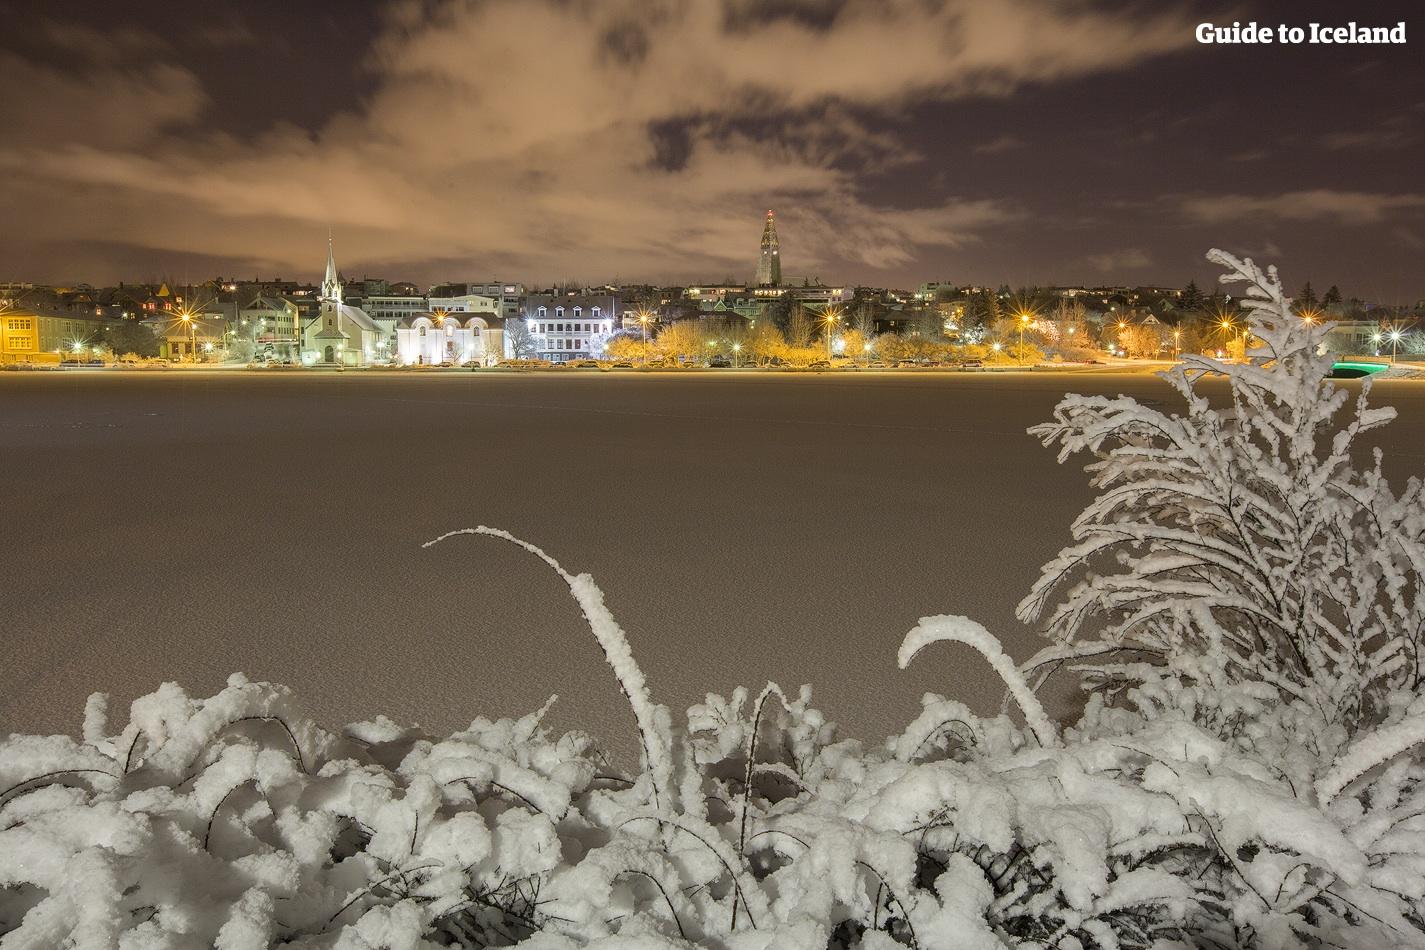 Das goldene Leuchten der Skyline von Reykjavík über dem gefrorenen See Tjörnin im Winter.